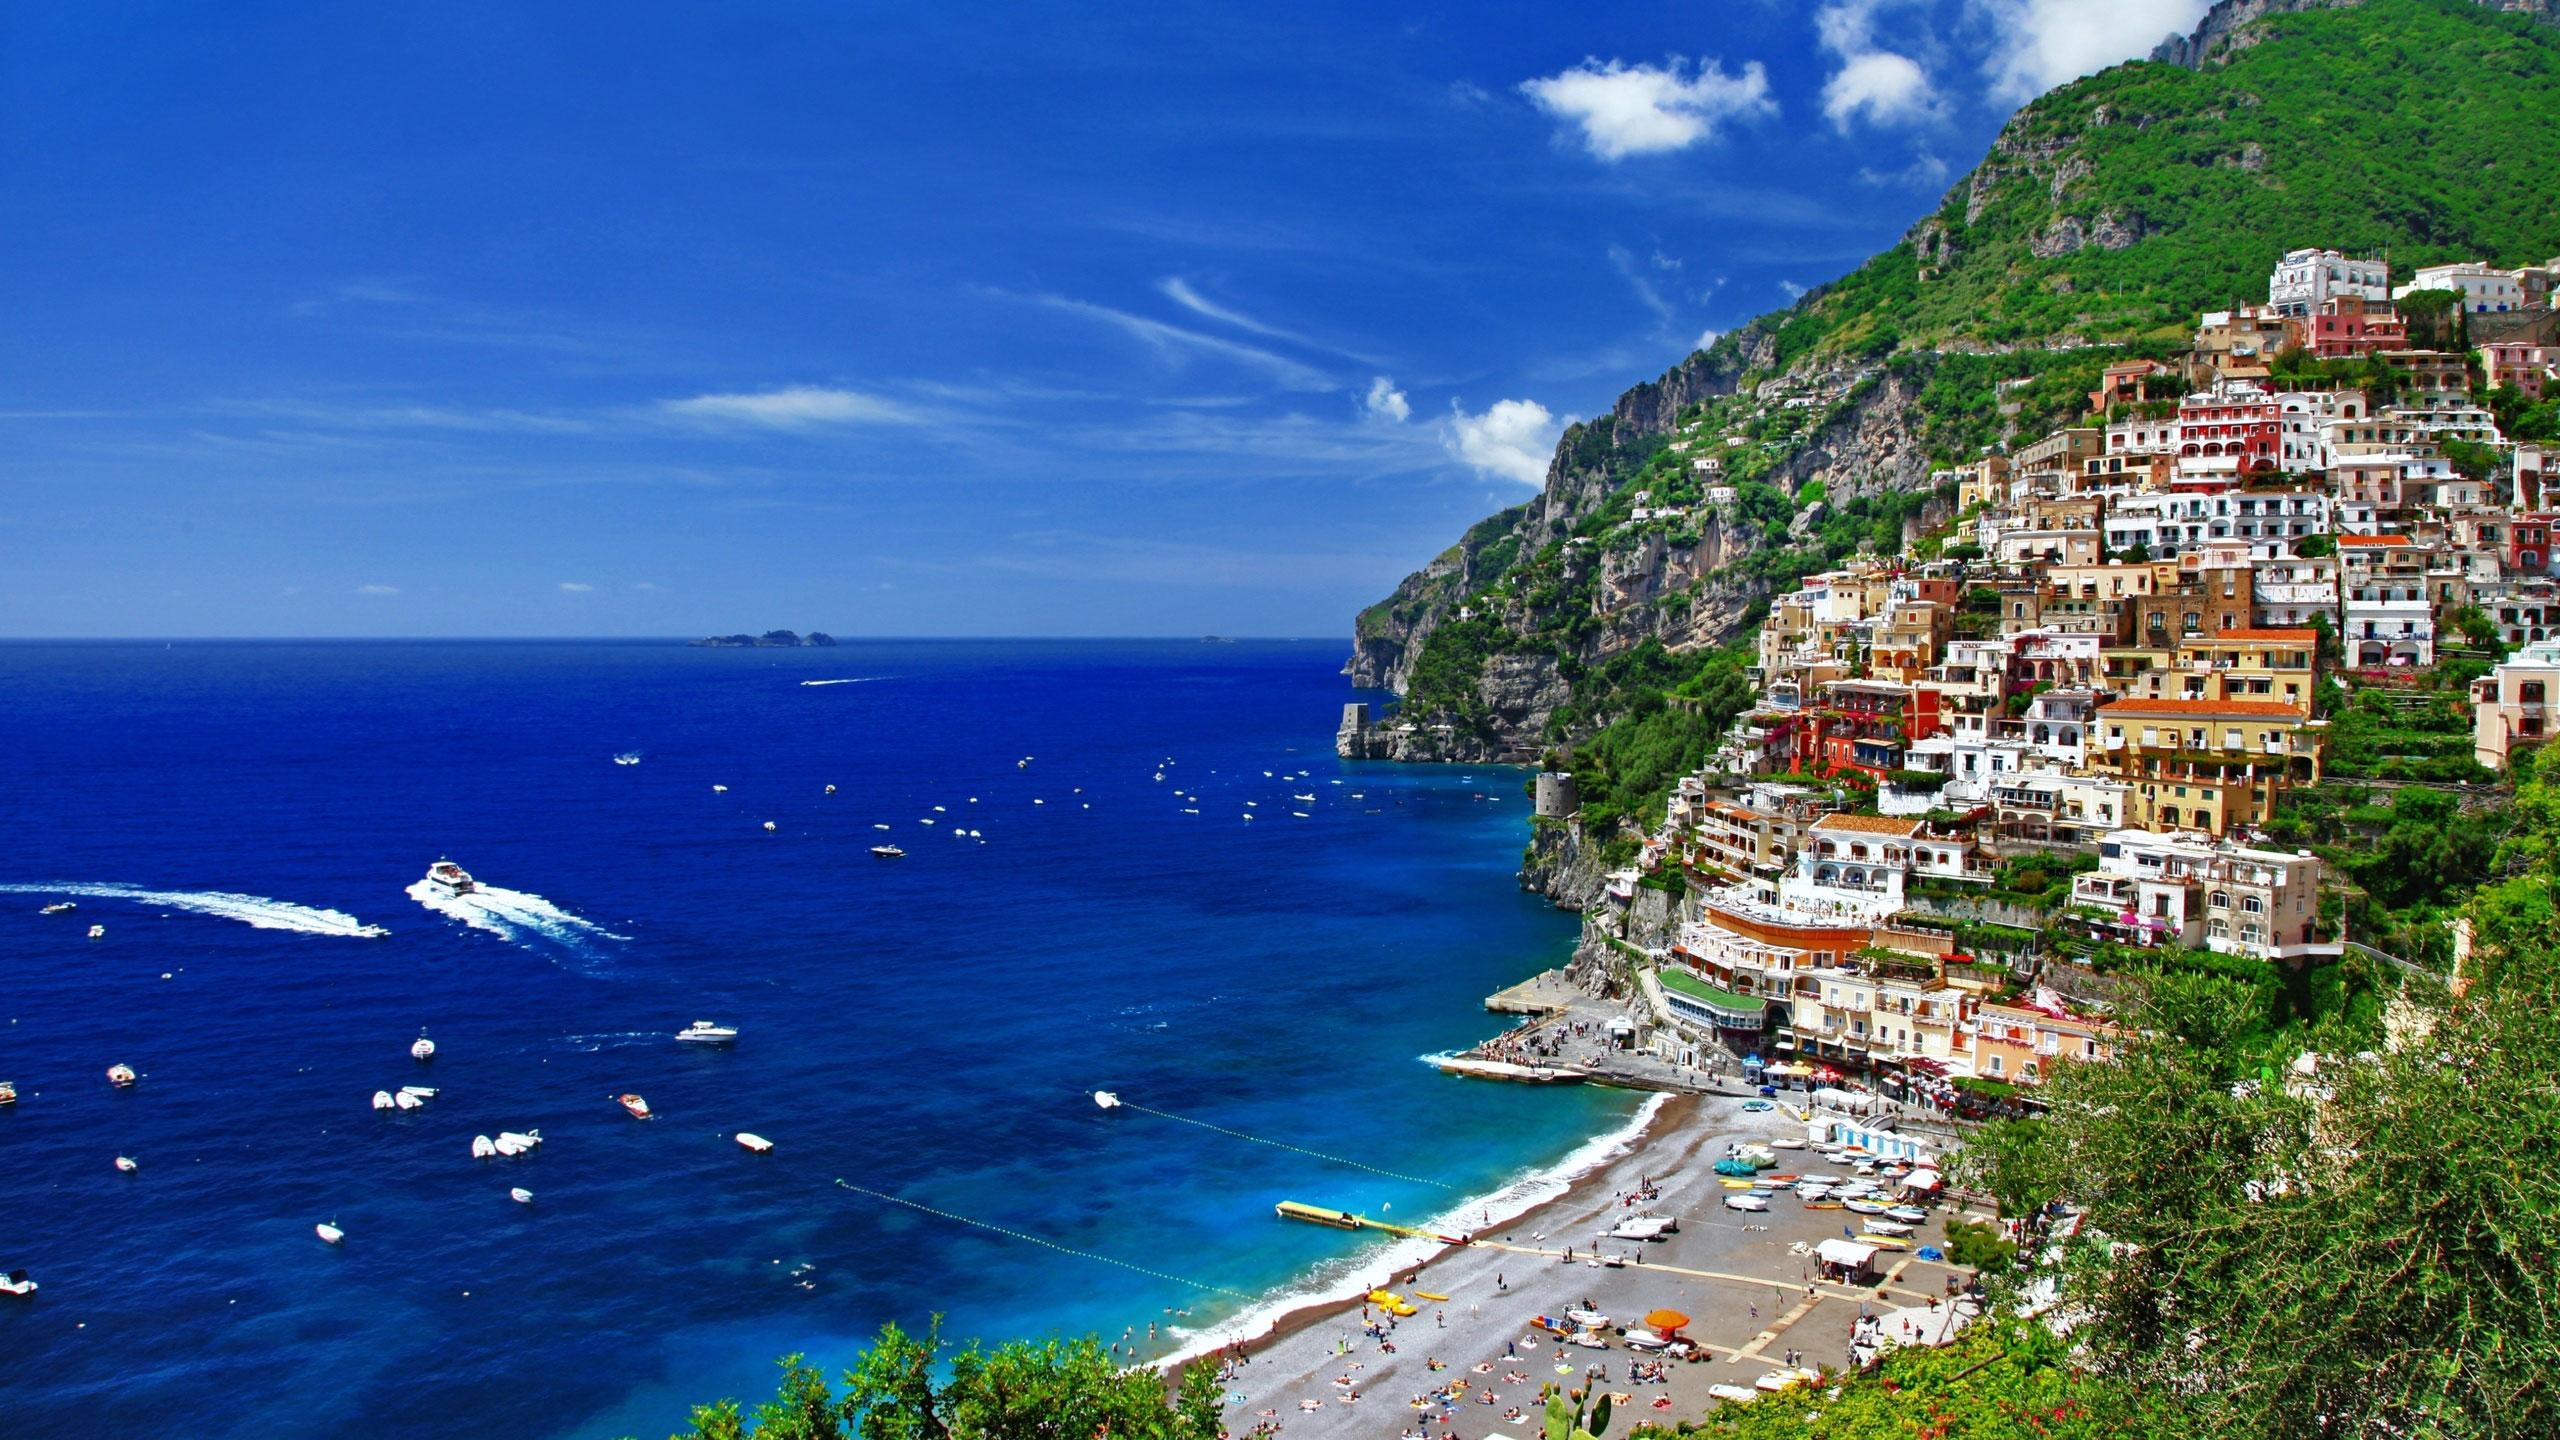 италия пляжи обои на рабочий стол № 507051 без смс